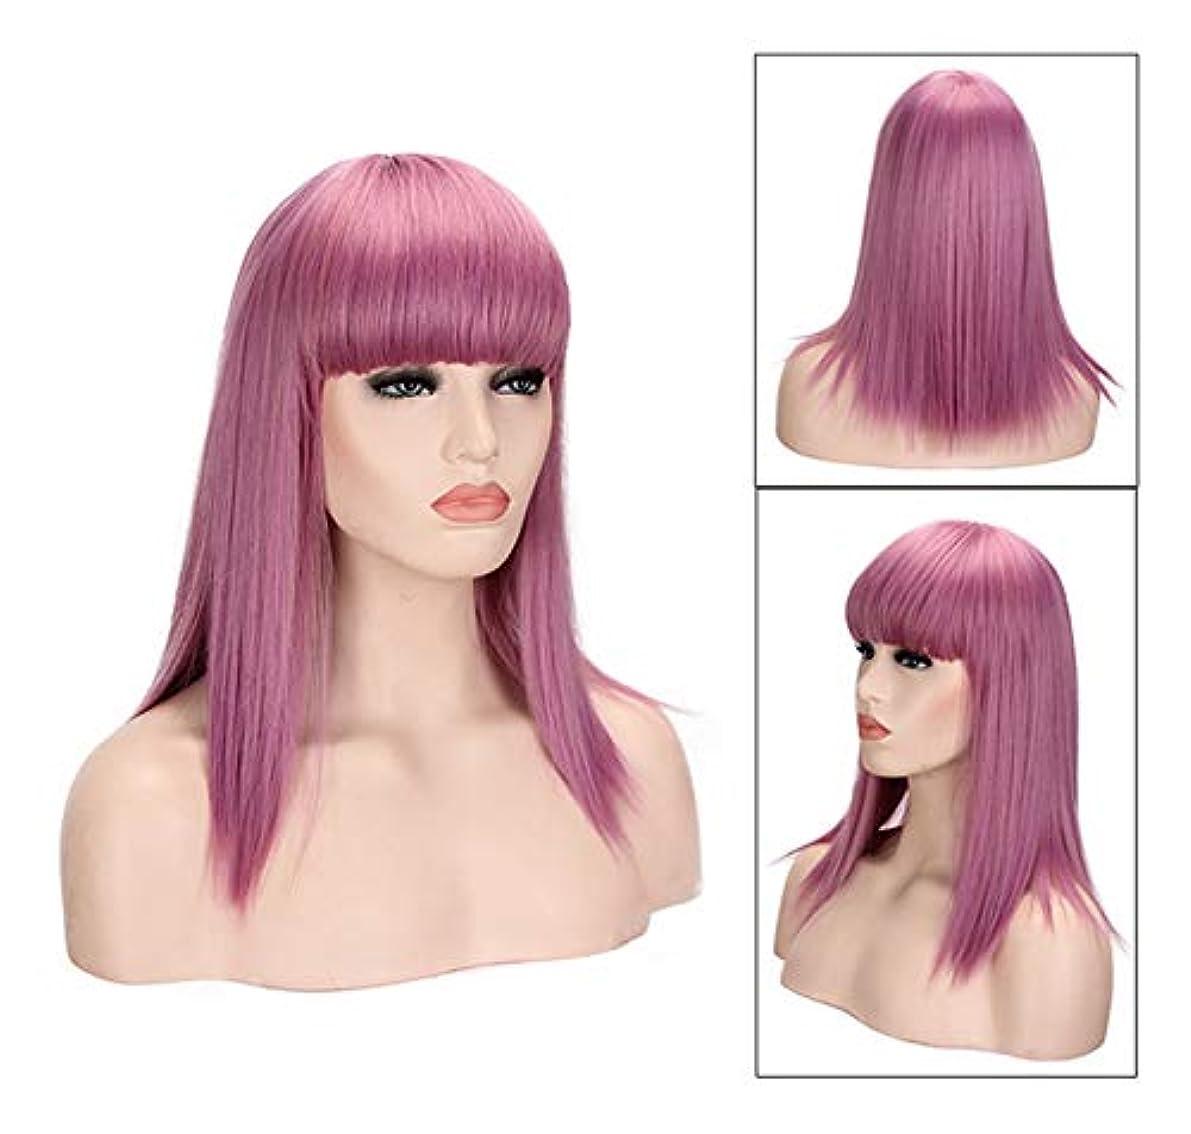 スキッパーコマンド子猫女性用フルウィッグ、コスプレパーティーデイリードレスのヘアピースの前髪と自然なピンク合成ミディアムロングストレートの髪